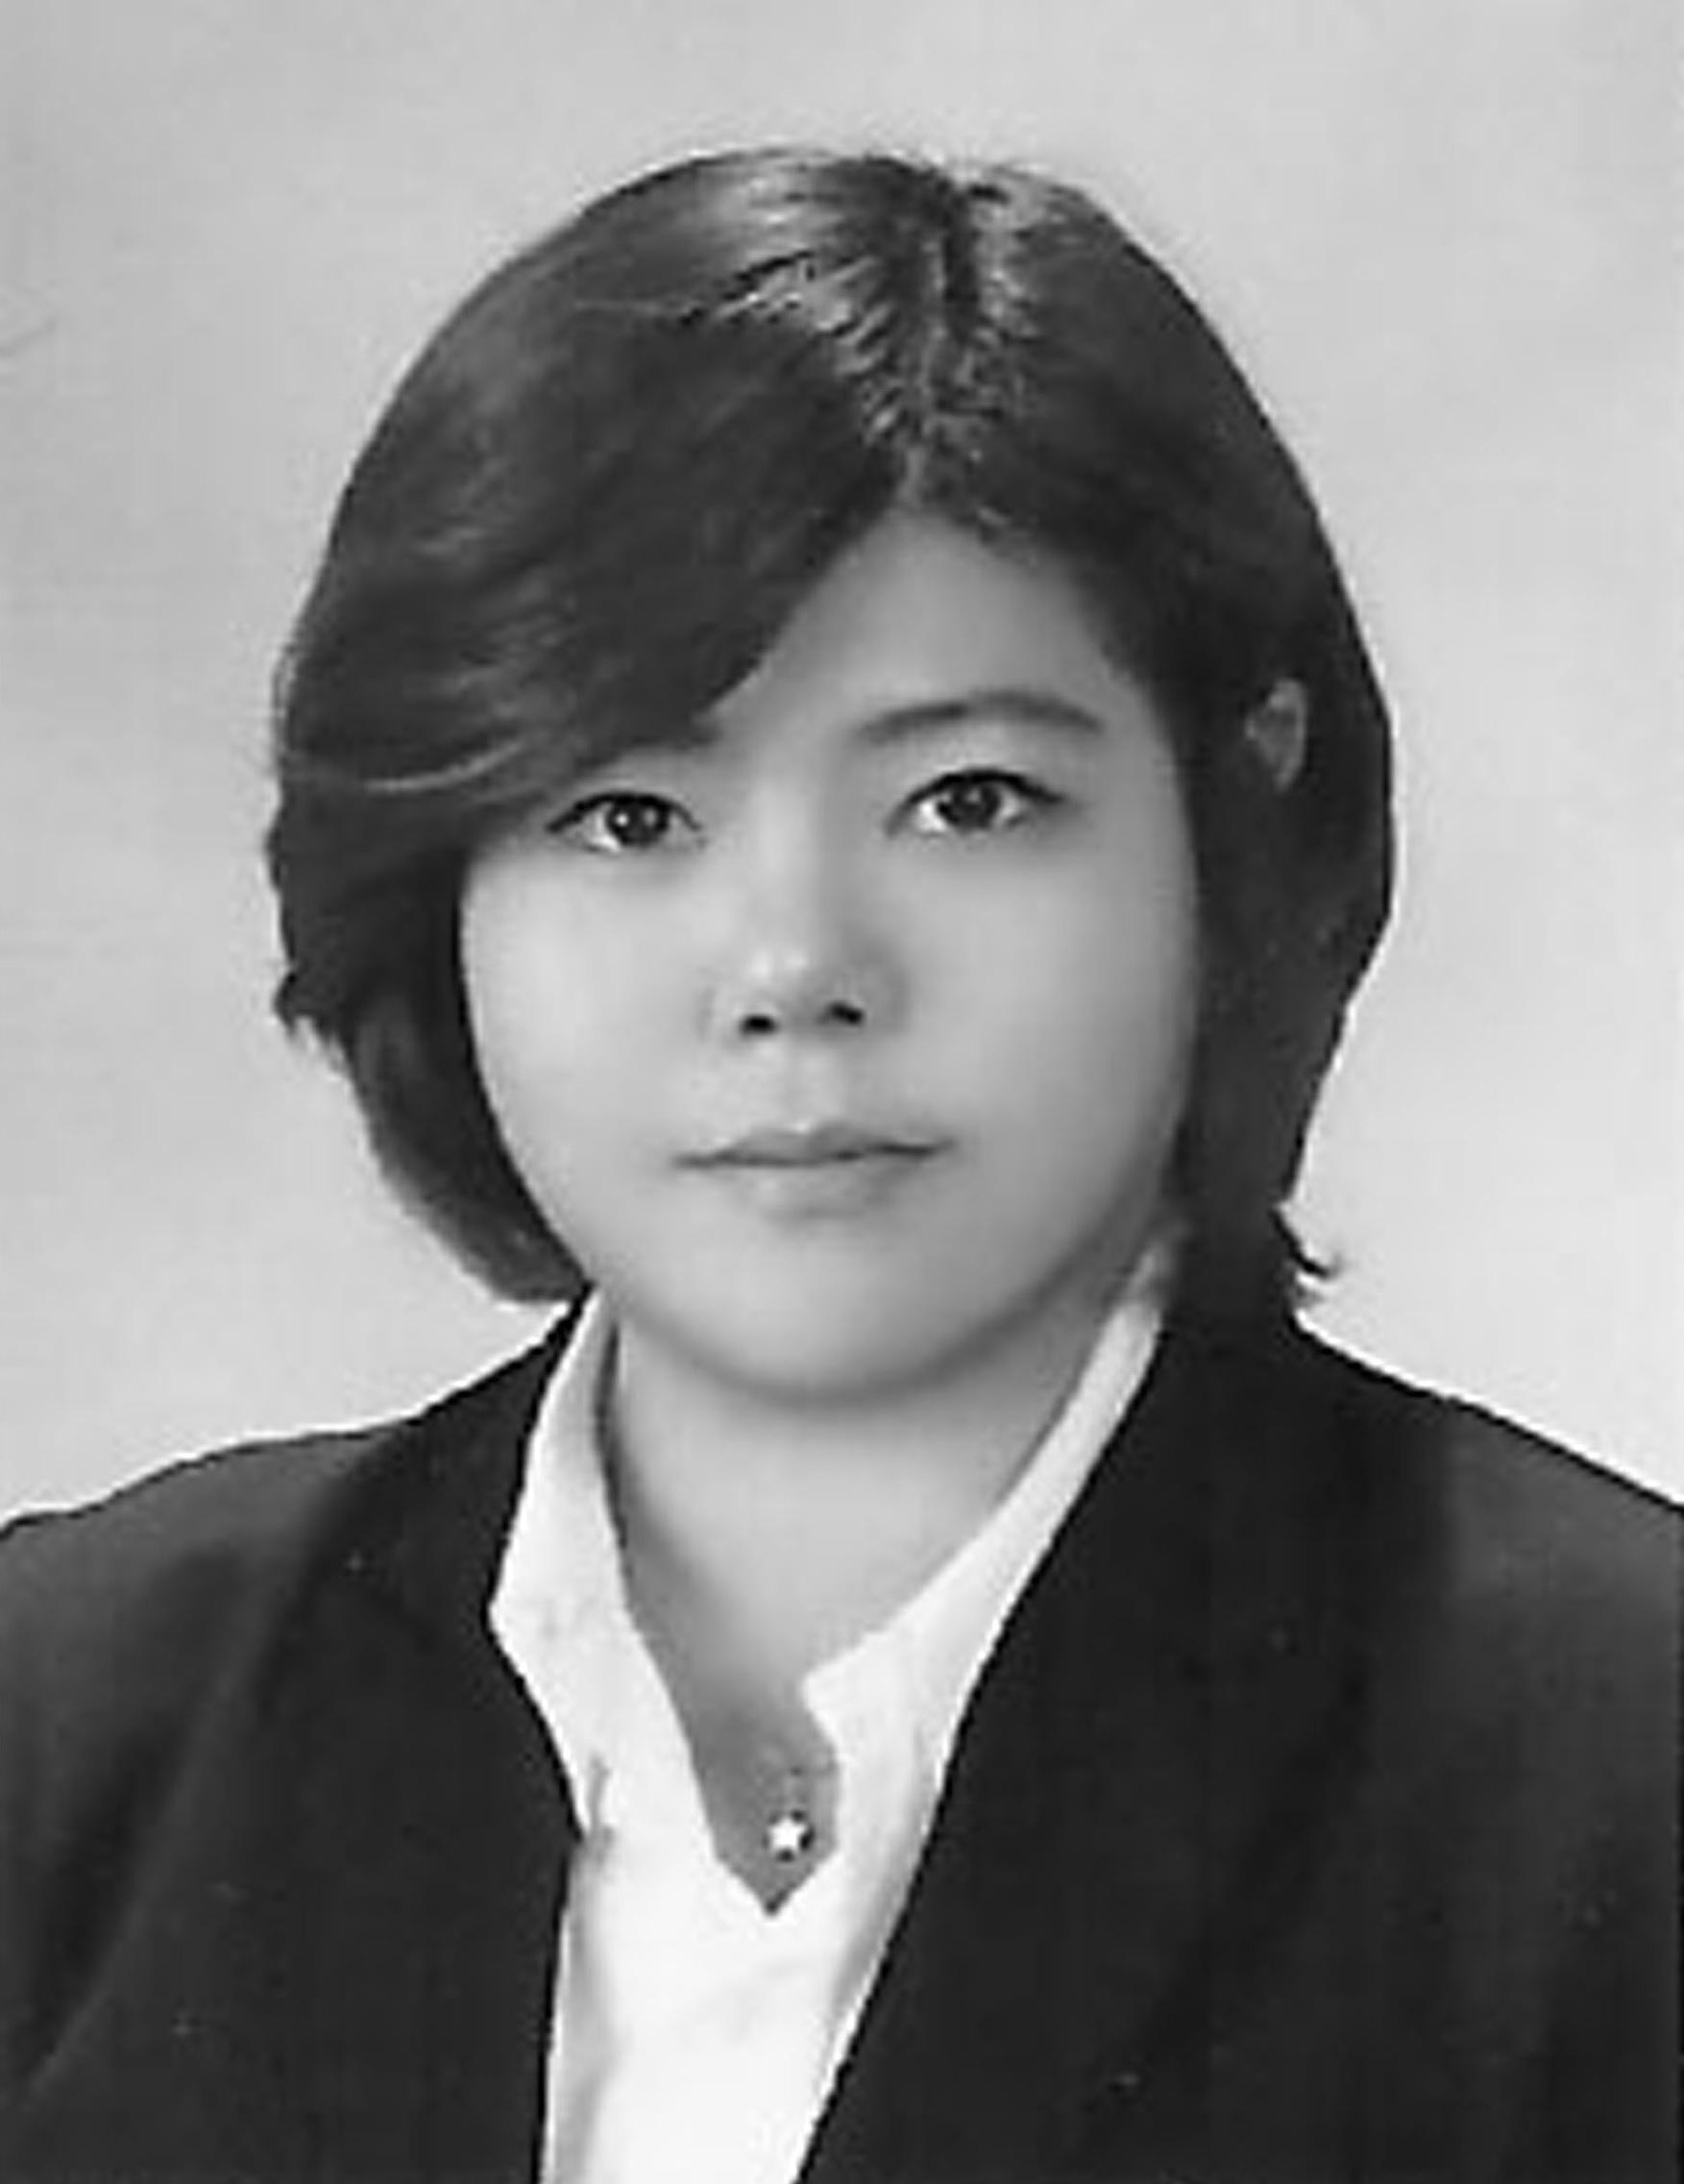 원윤정 프로